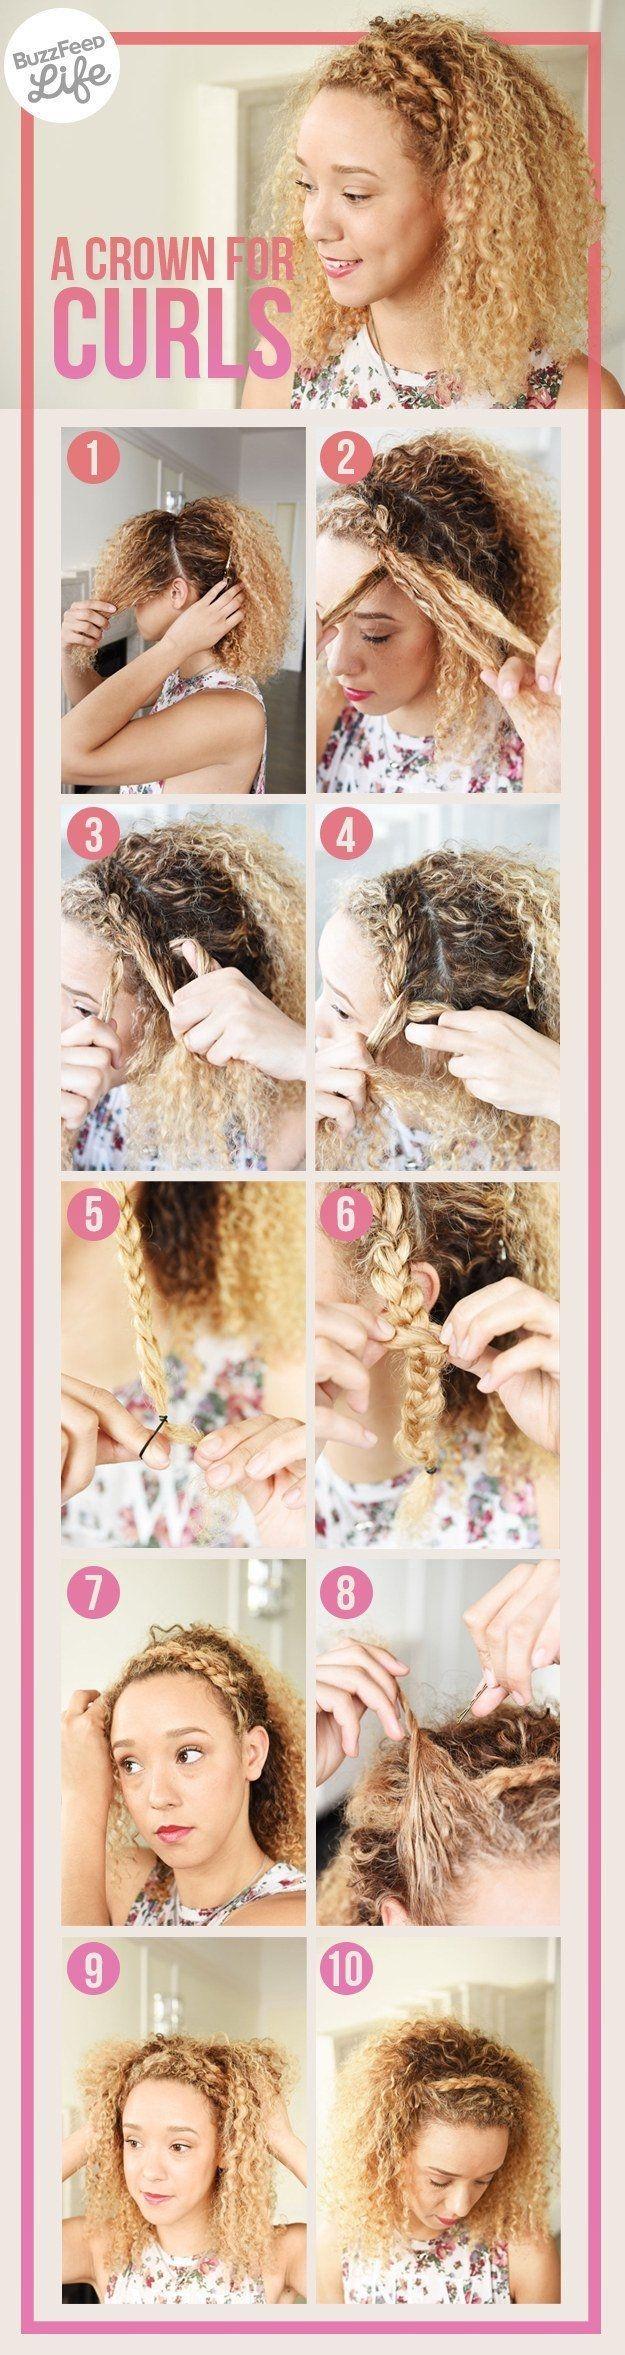 Penteado: coroa de cachos: http://guiame.com.br/vida-estilo/moda-e-beleza/site-lista-pentados-para-cabelos-cacheados.html#.VT-DzWTBzGc